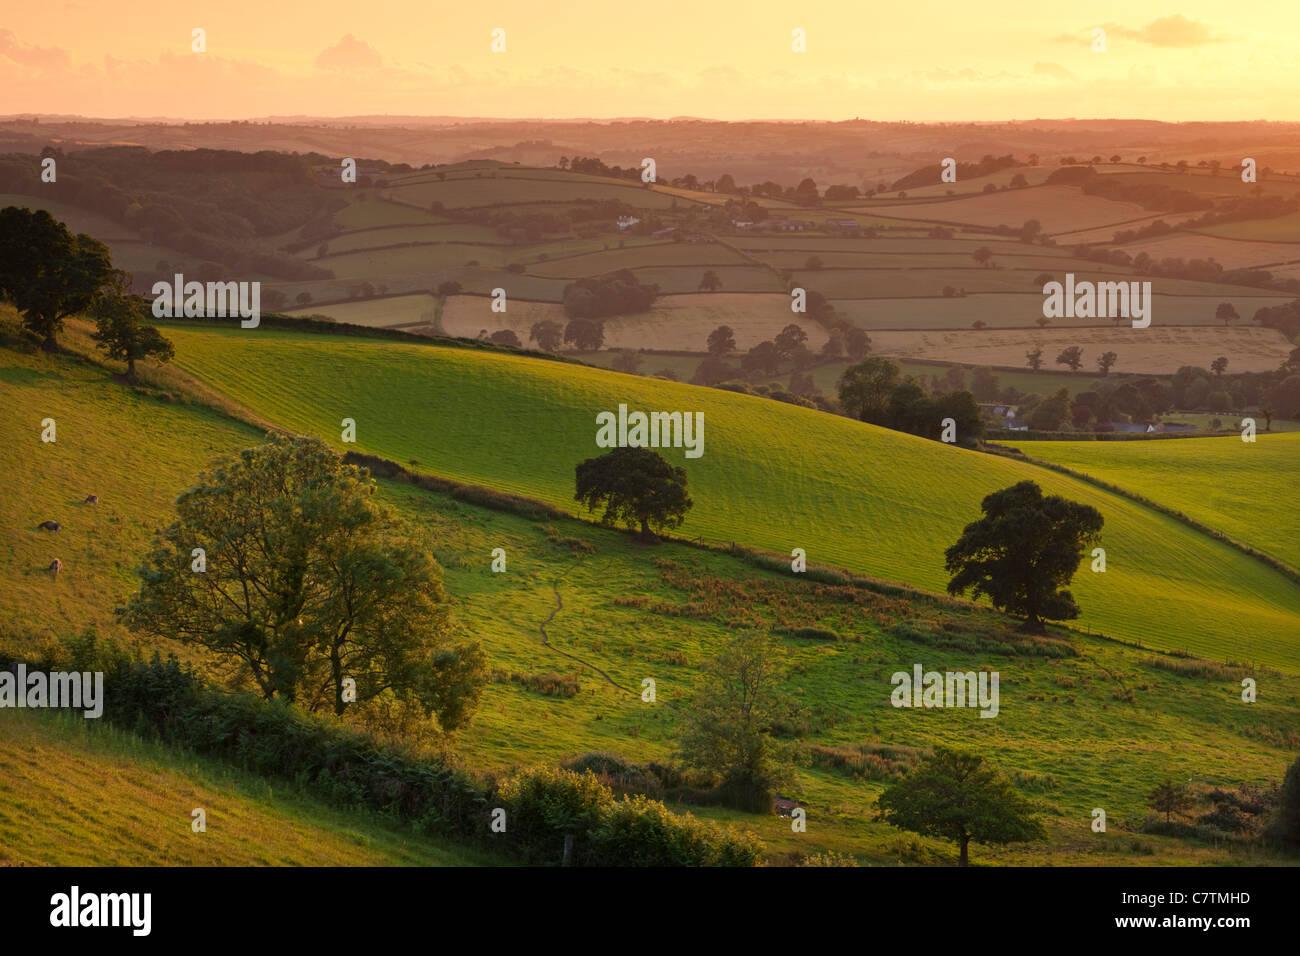 Sera La luce del sole sui campi di rotolamento rurale del Devon, Raddon Hills, Devon, Inghilterra. Per il periodo Immagini Stock